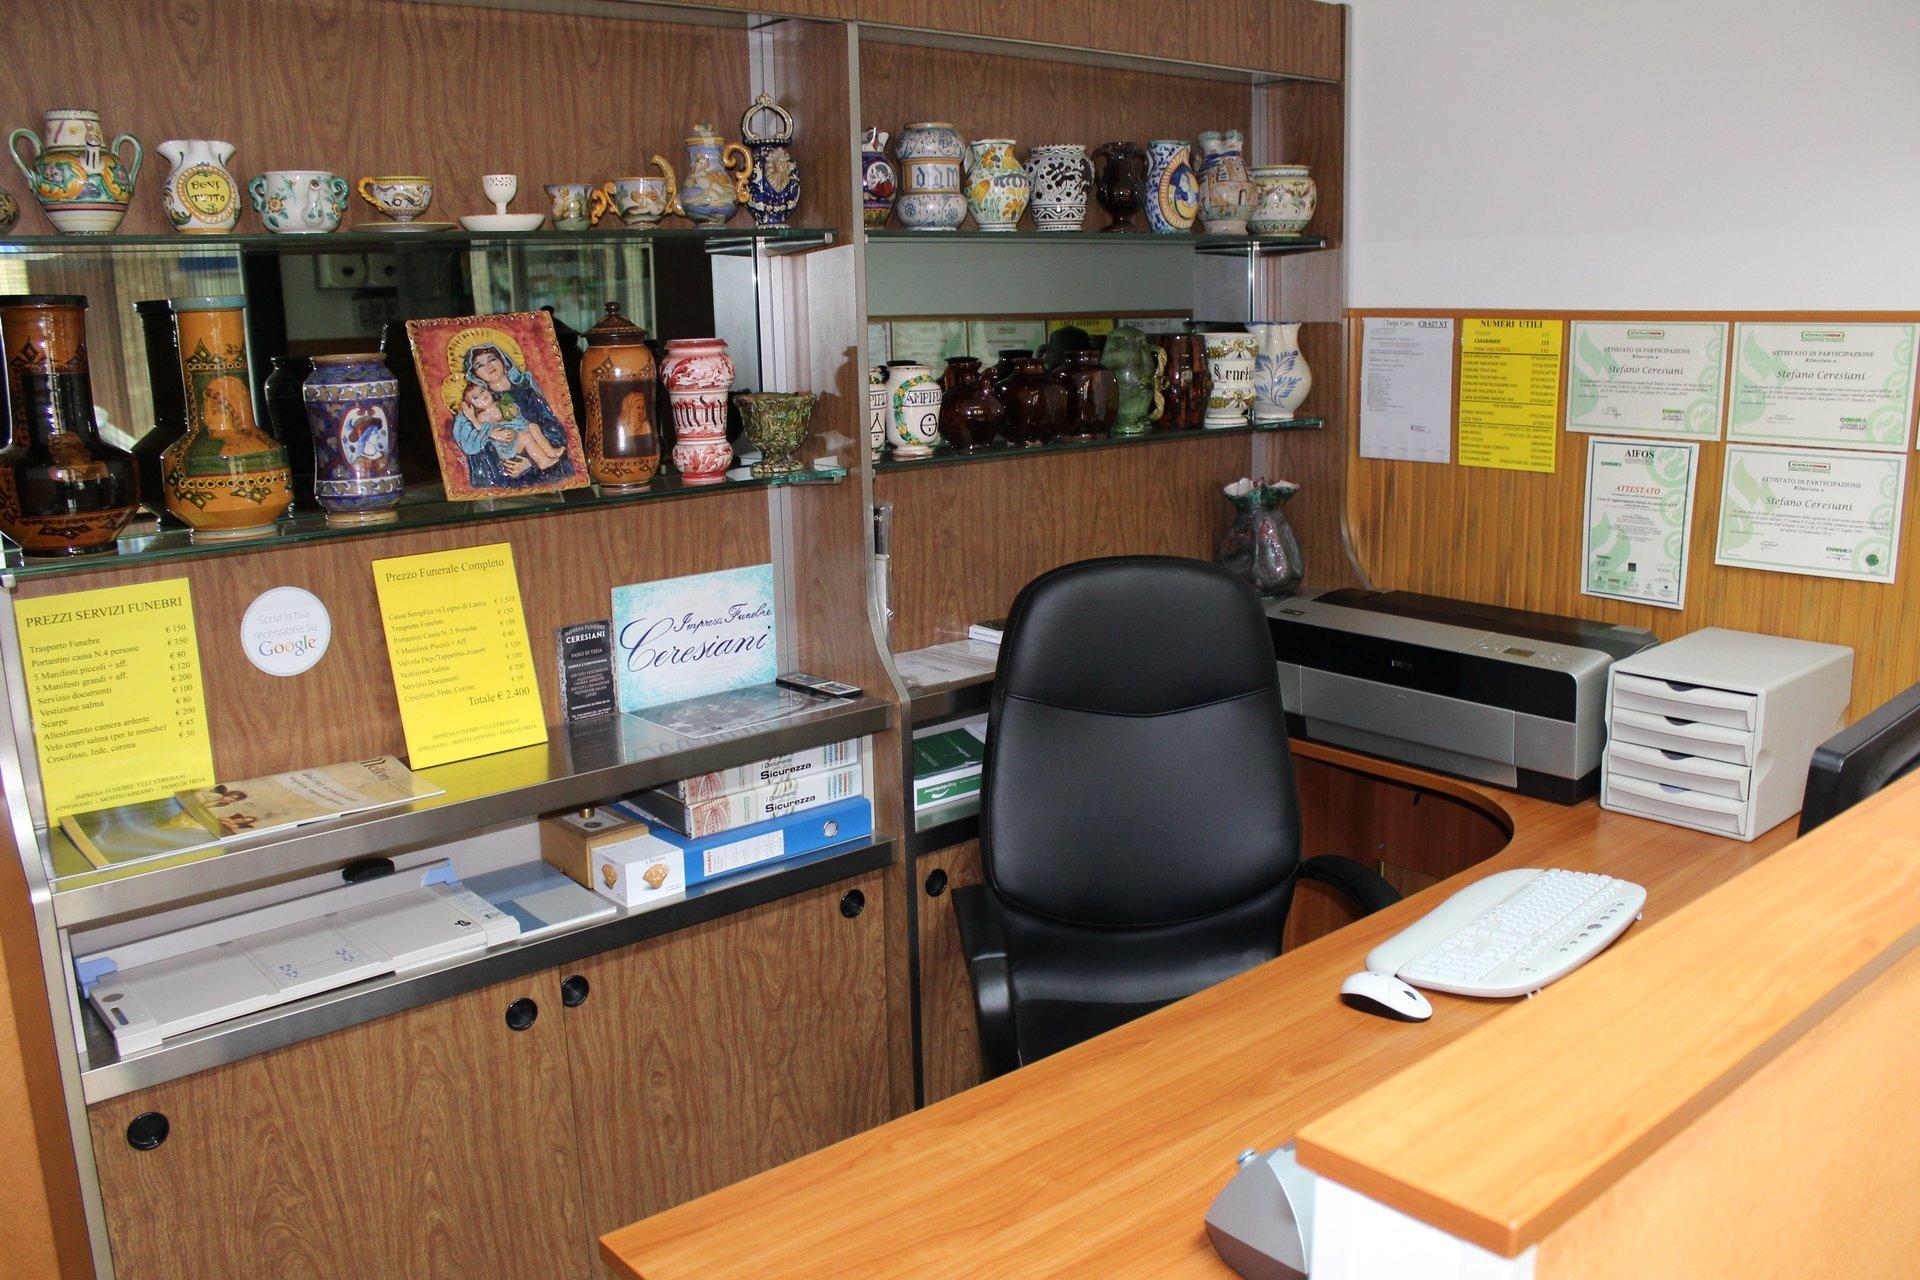 interno dell'ufficio dell'impresa funebre